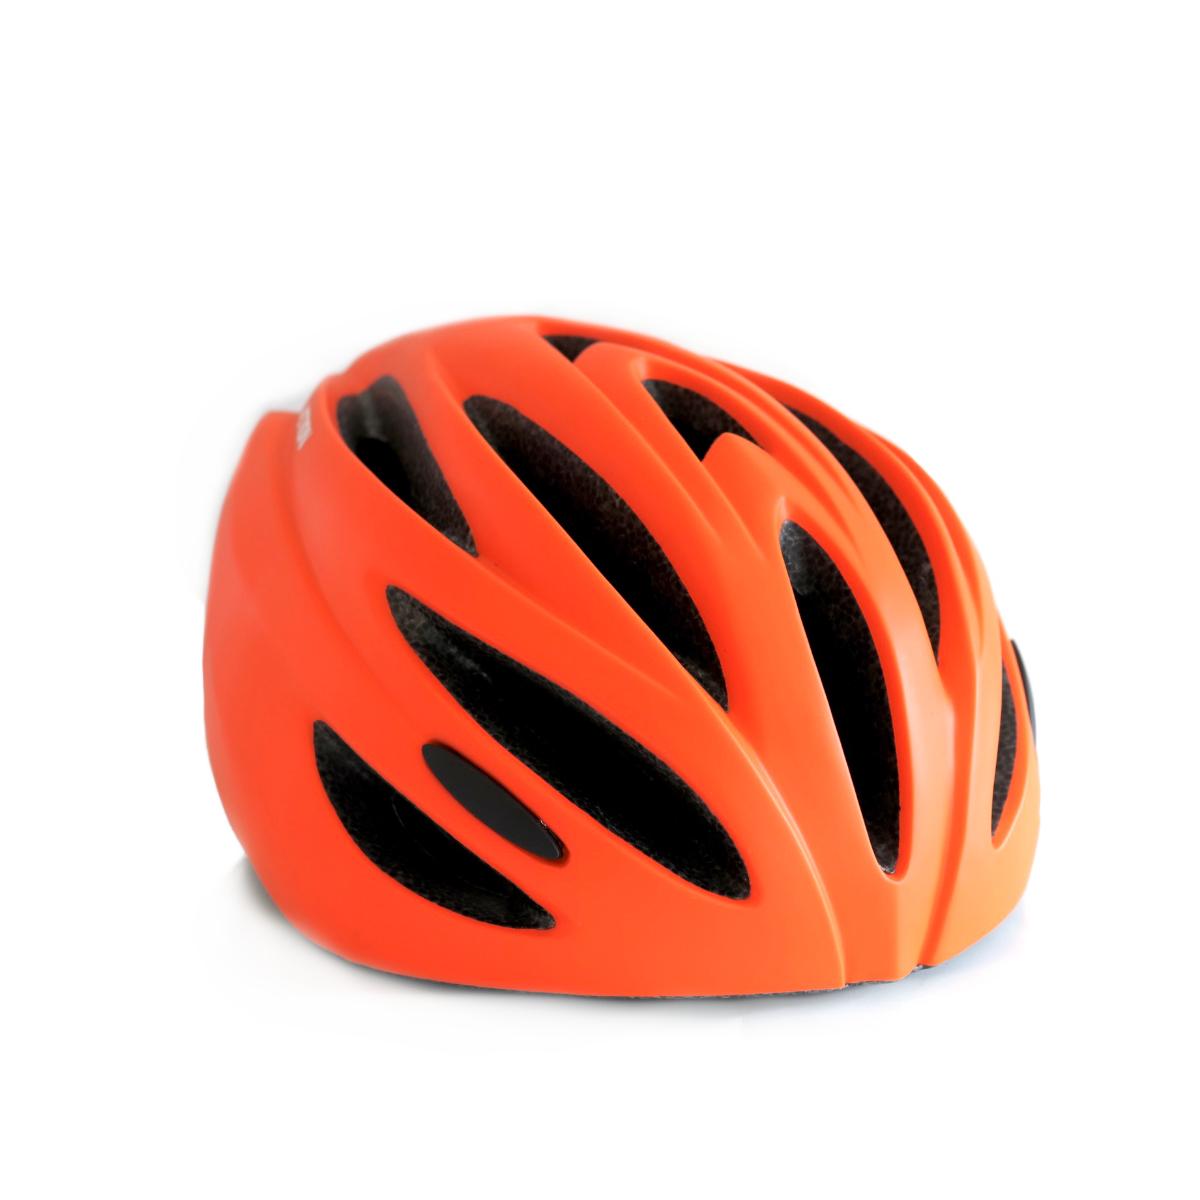 casco per bambiti per tutti gli sport, pattinaggio, bicicletta skateboard